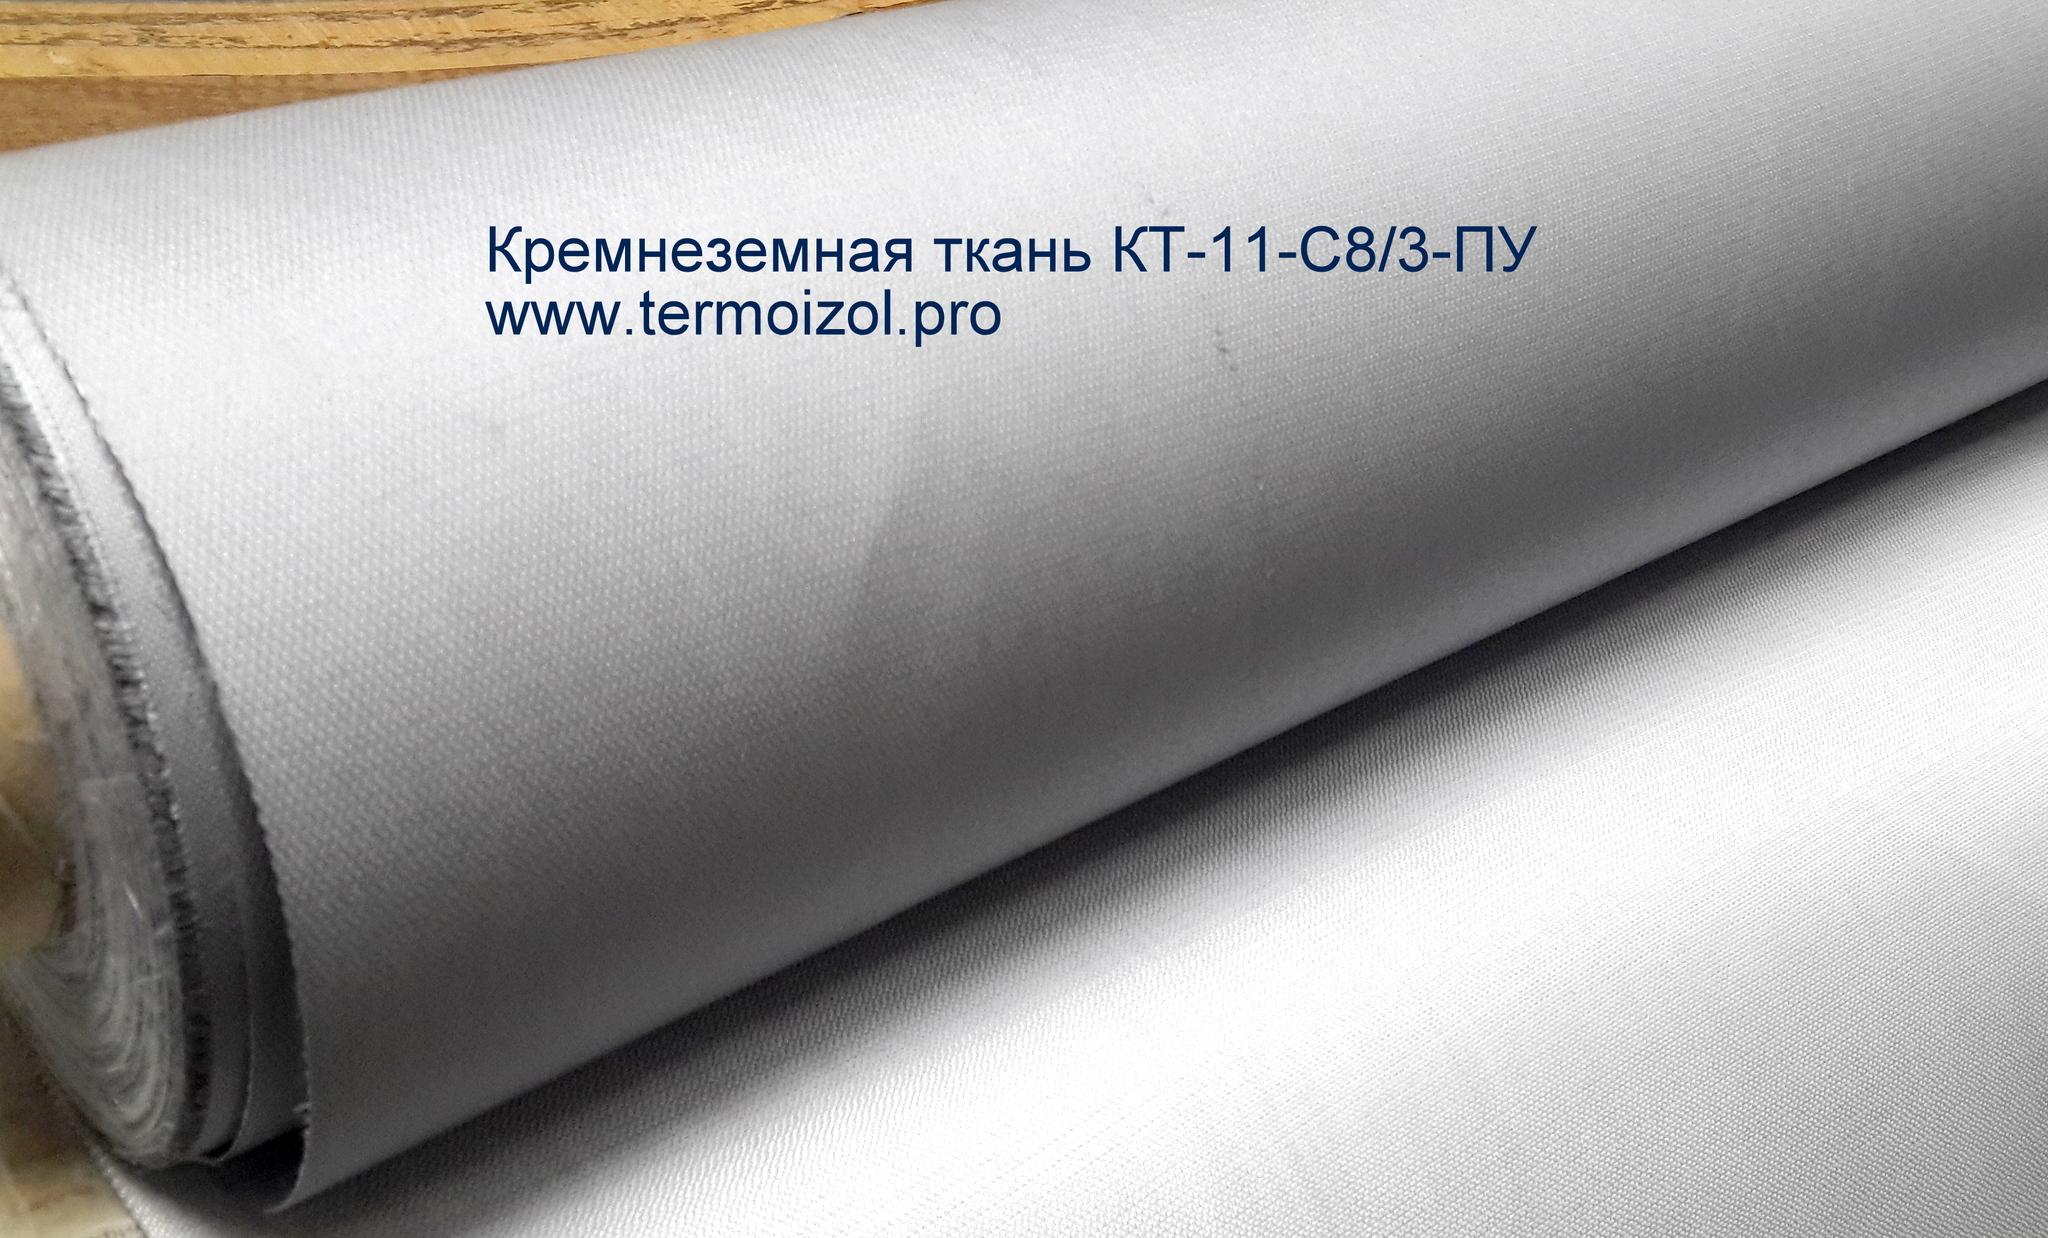 Кремнеземная ткань КТ с ПУ пропиткой